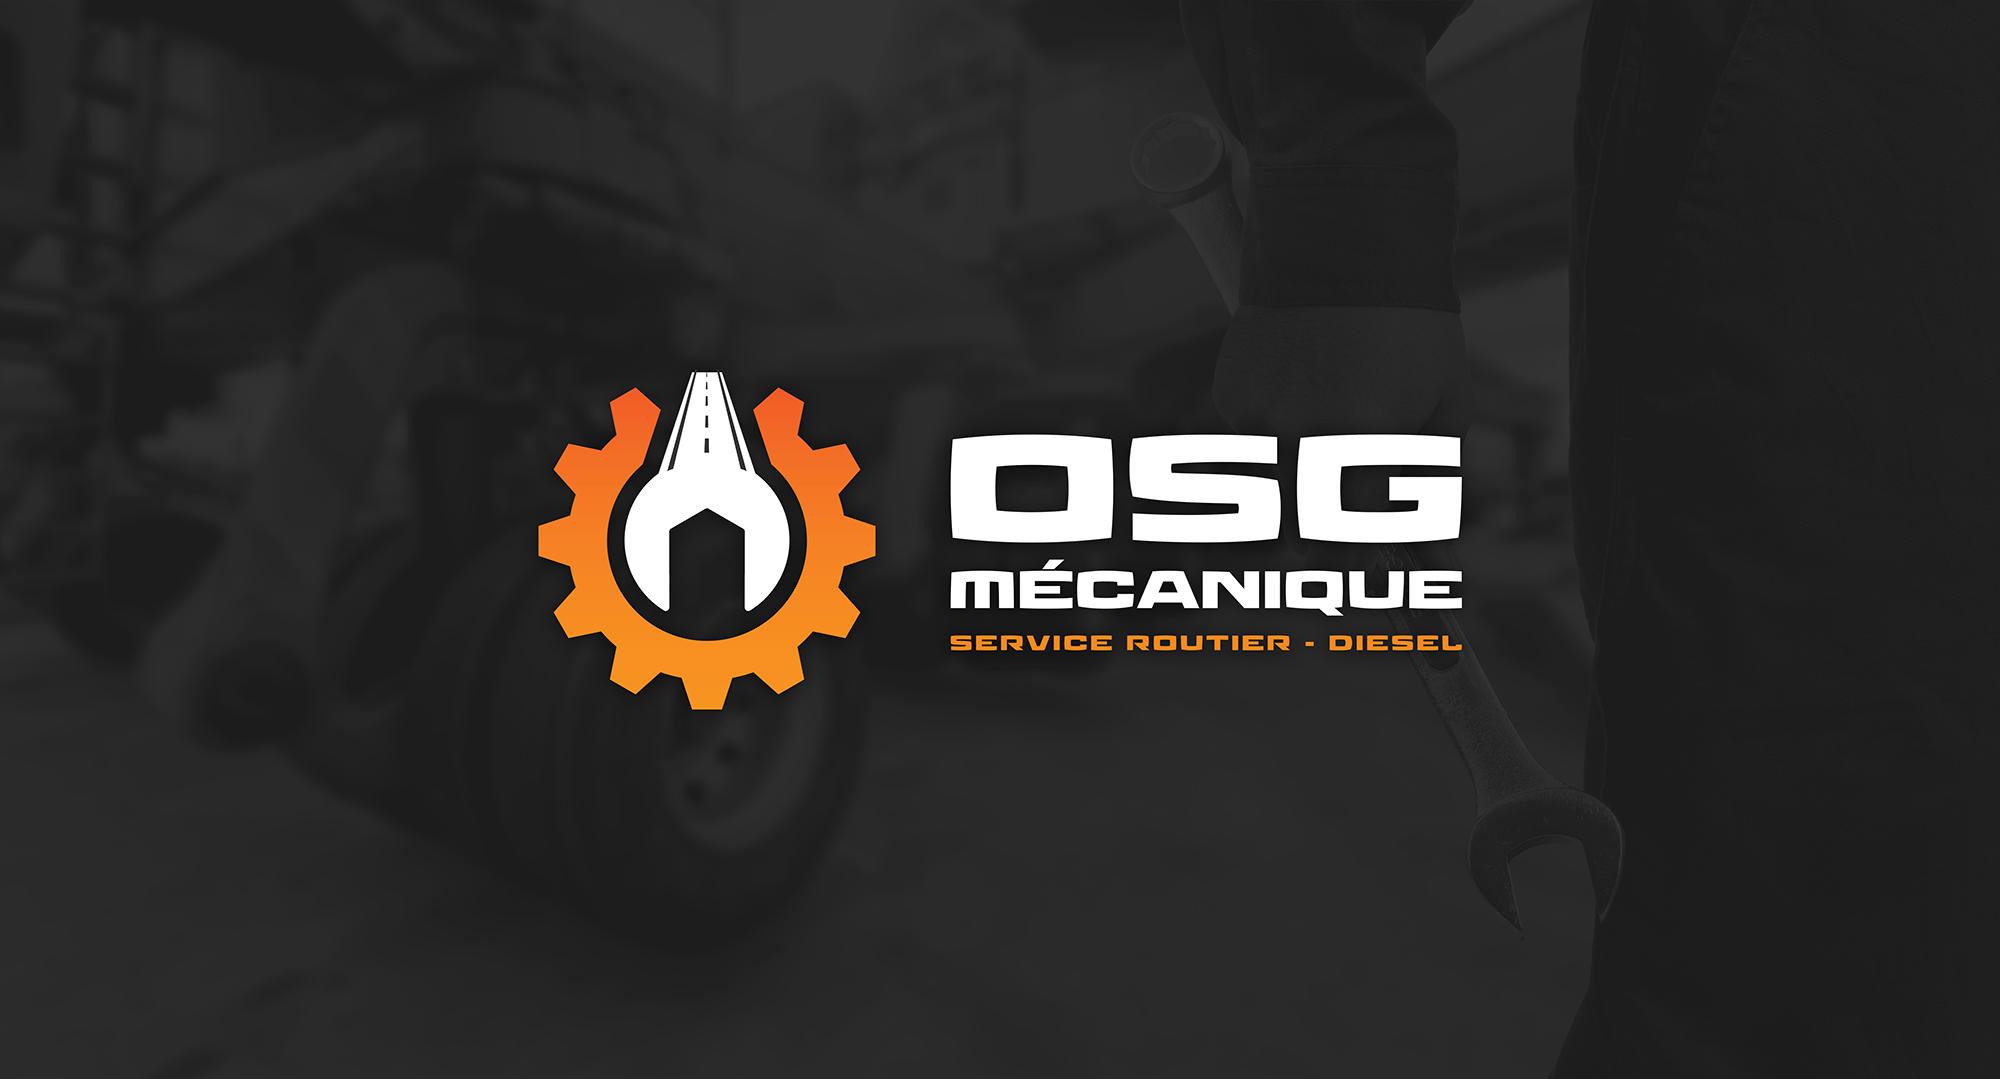 Logo renversé de OSG mécanique